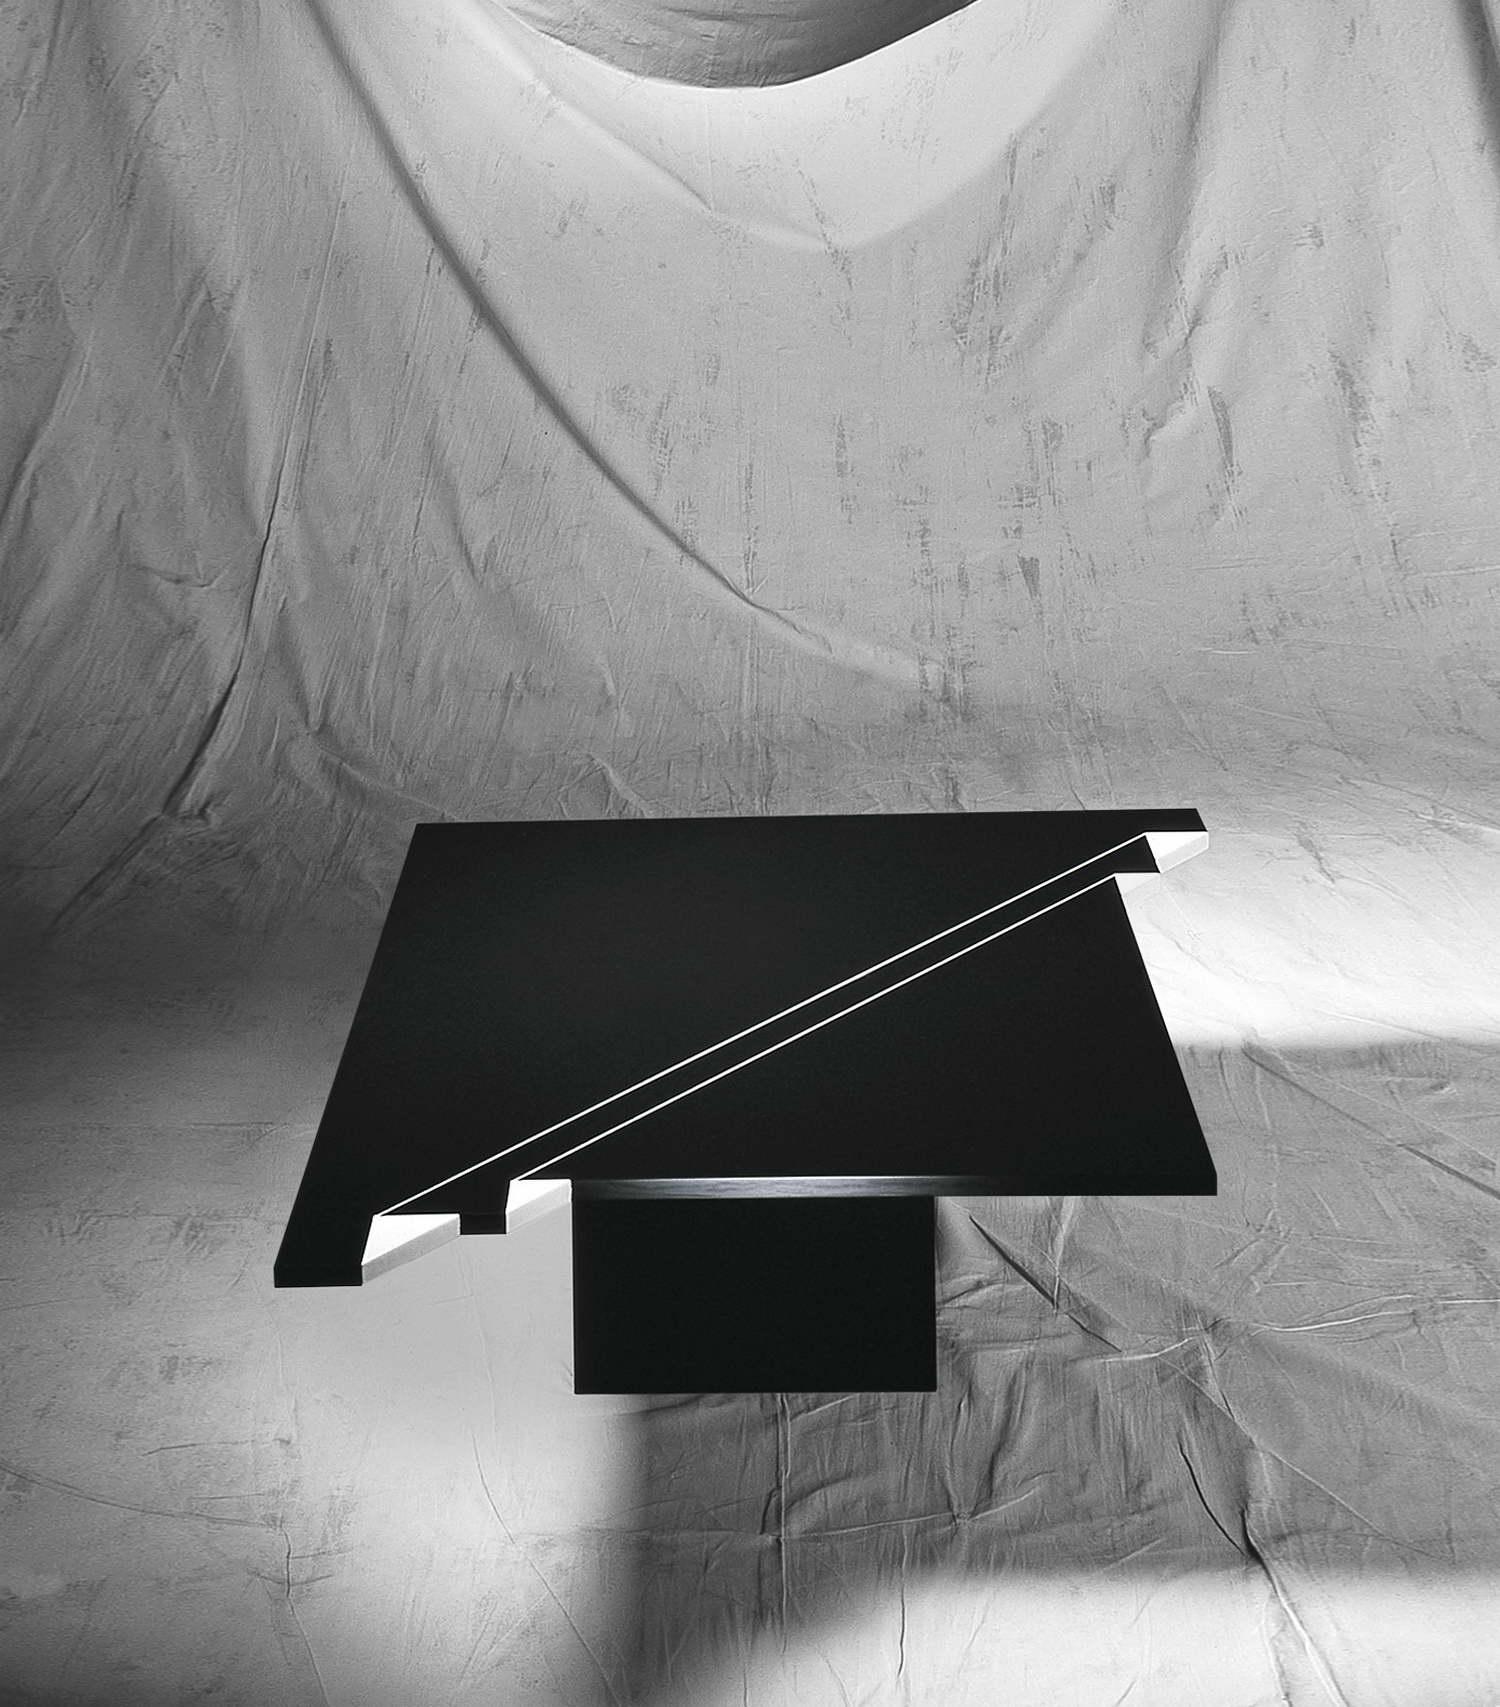 Tavoli in marmo_Intarsia Fold 2_R. Littel_art. 186-A